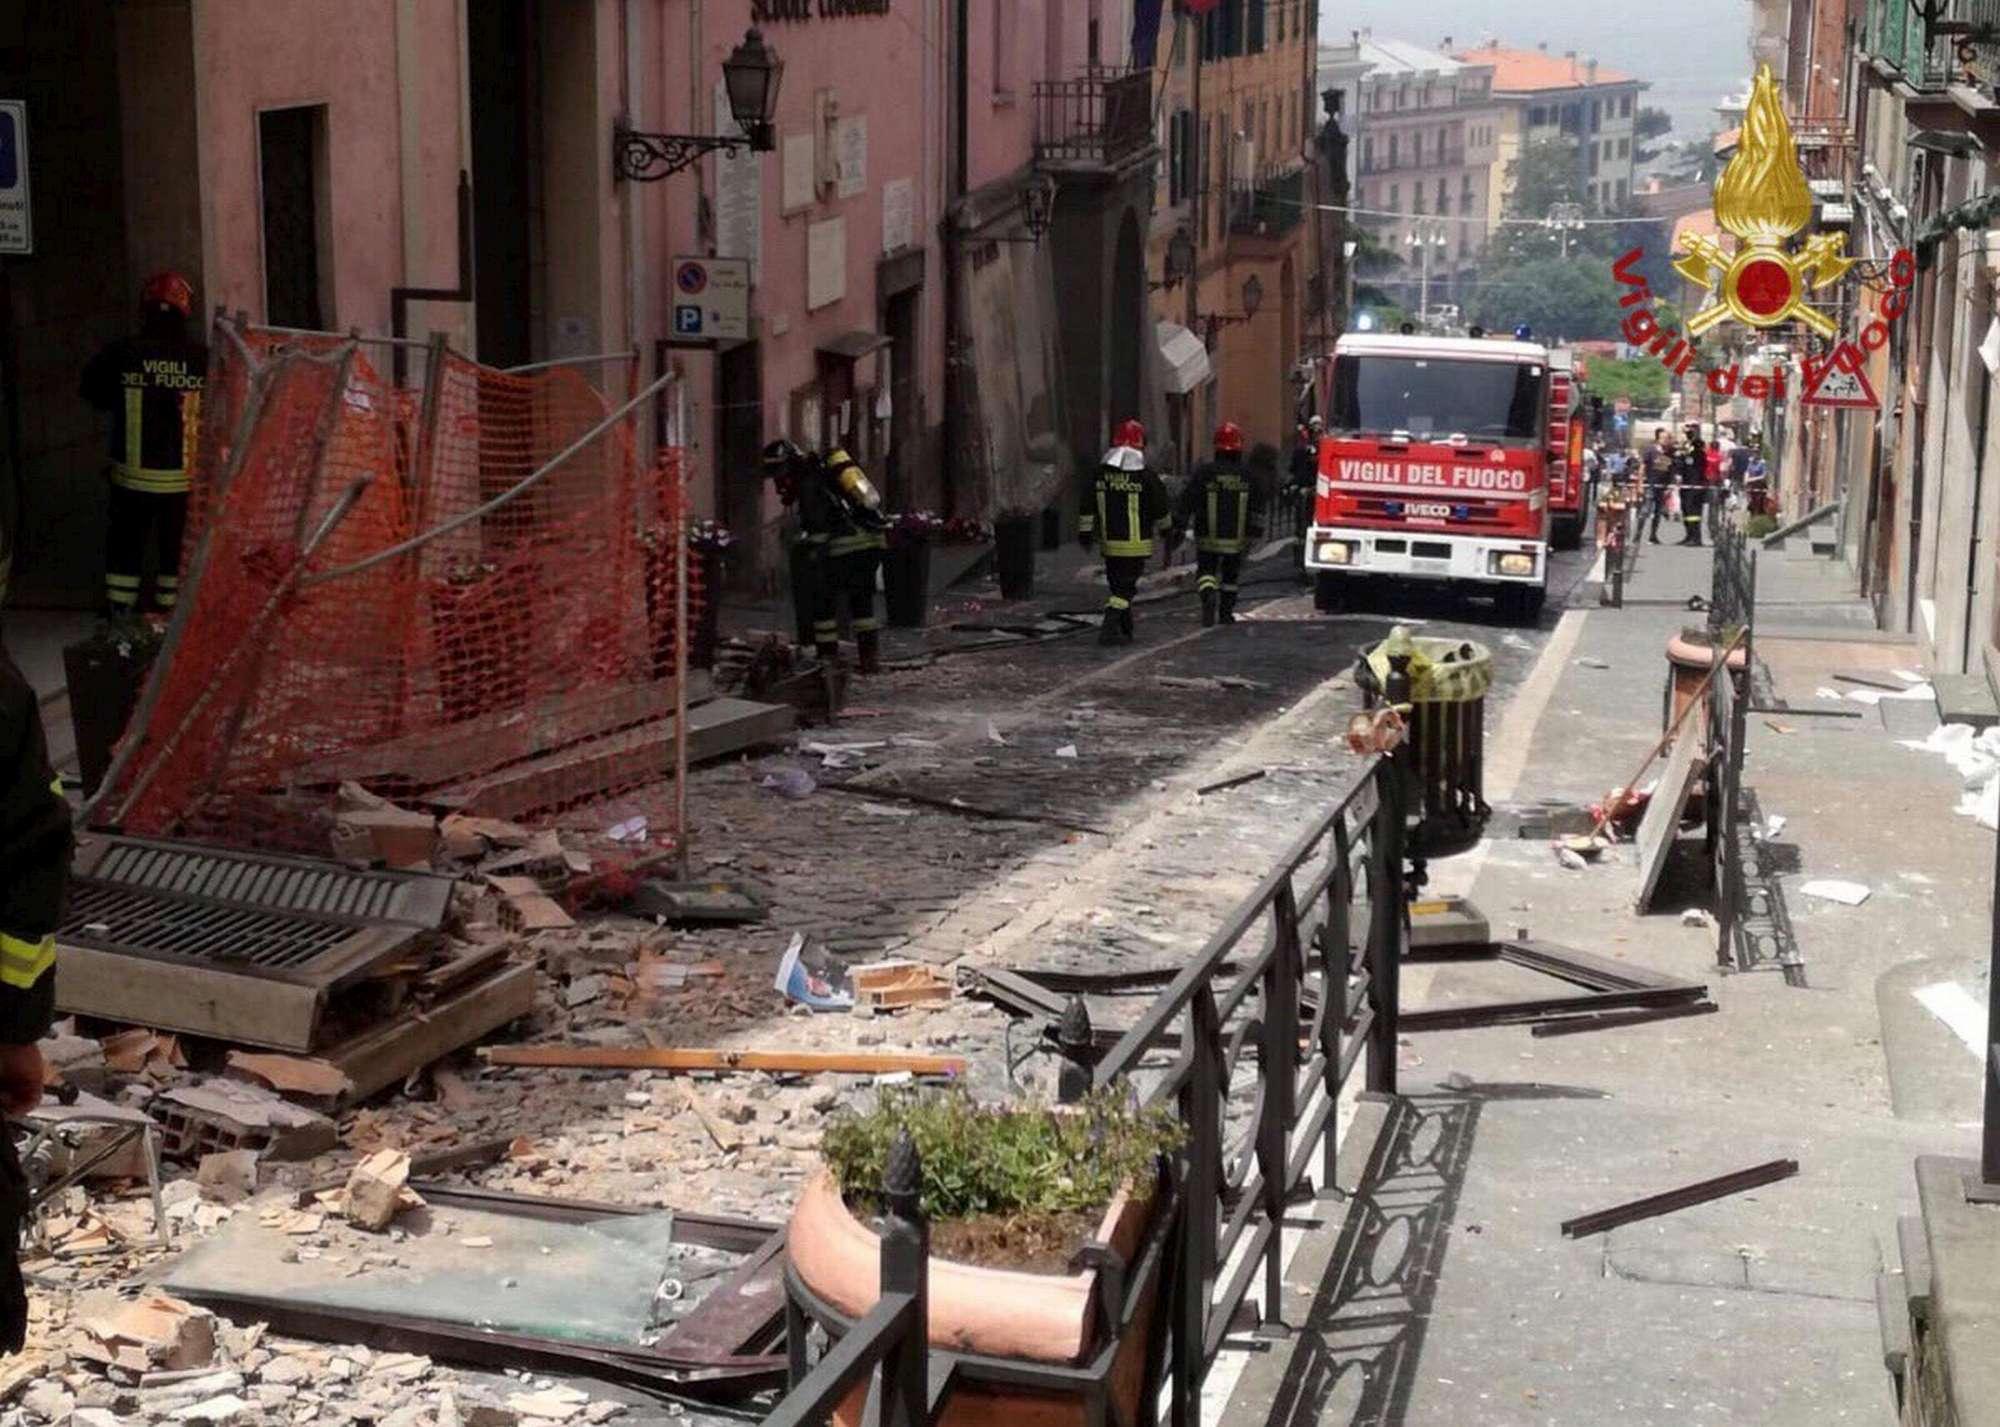 Rocca di Papa, esplosione vicino al municipio